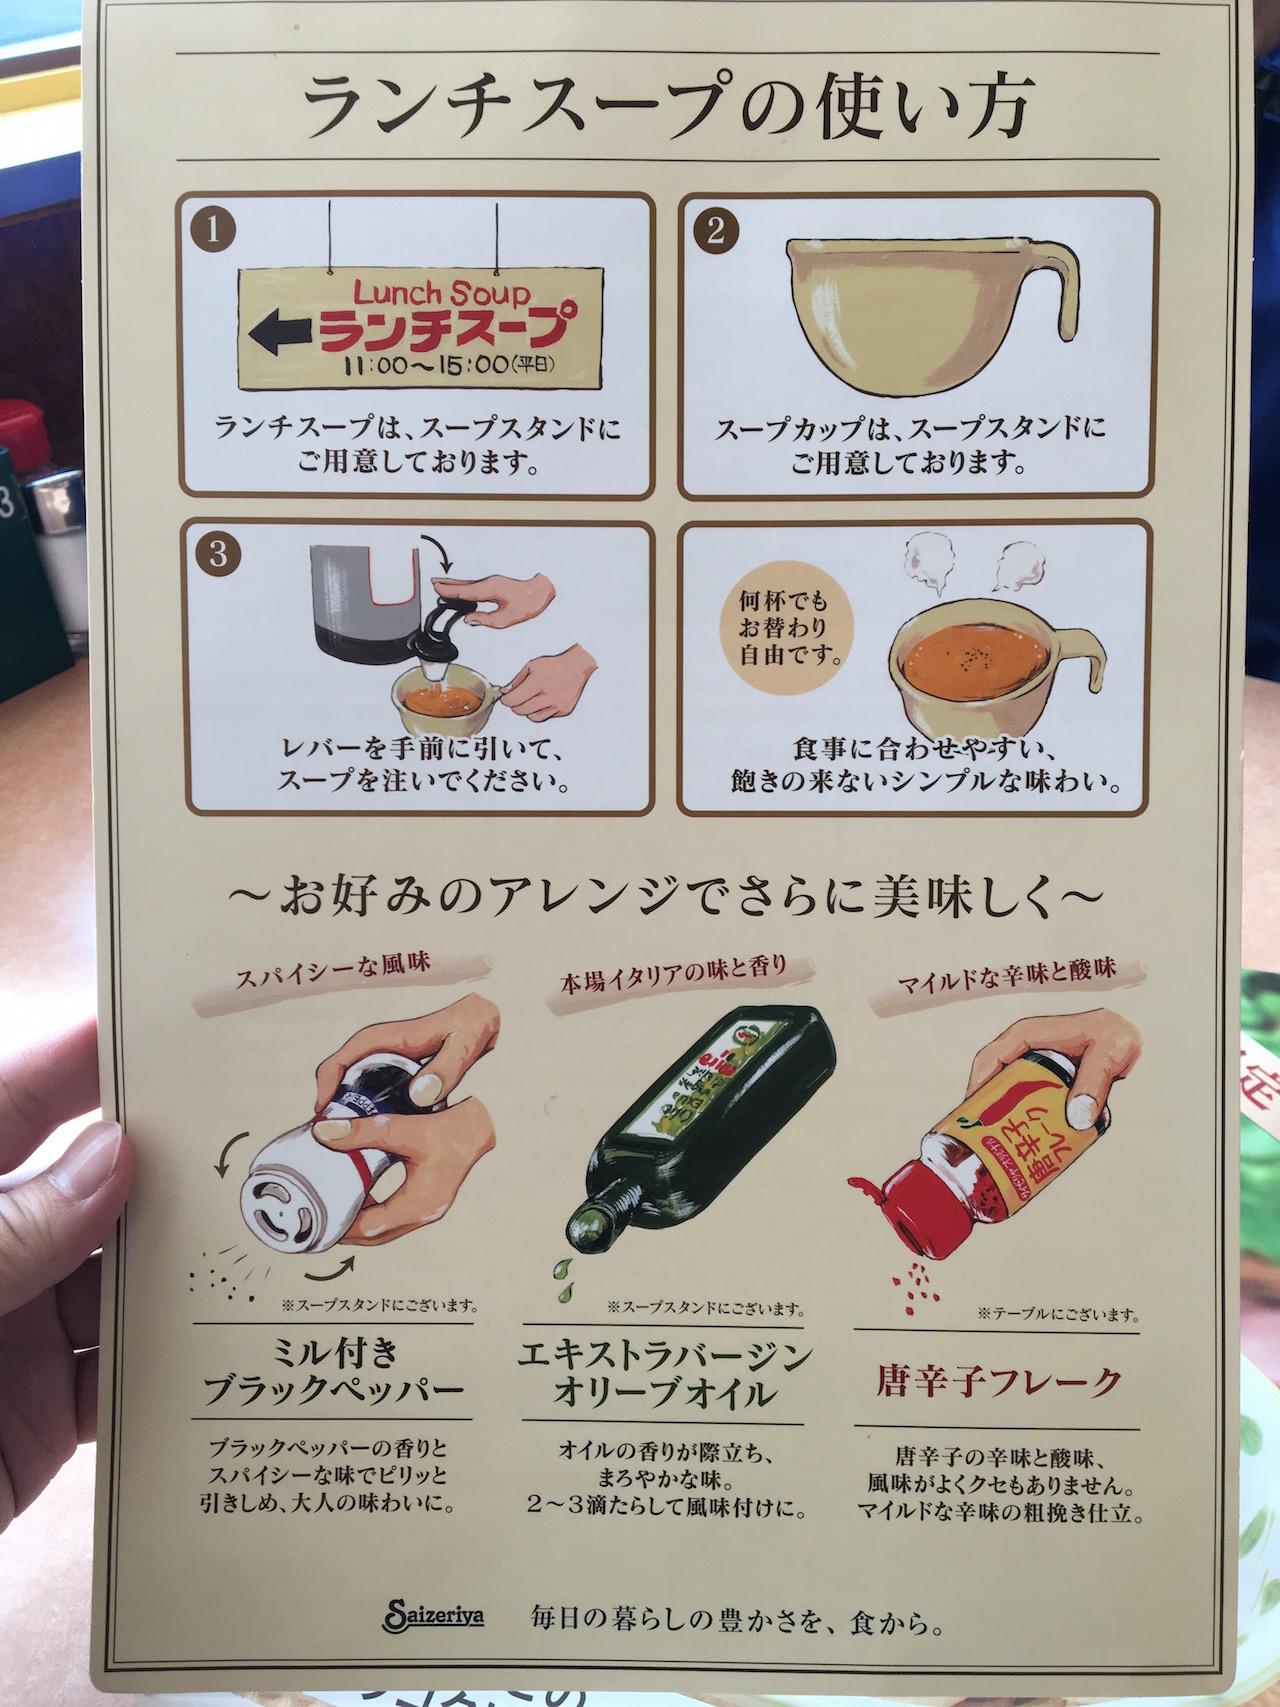 サイゼリヤの500円ランチ 2016最新版だ!